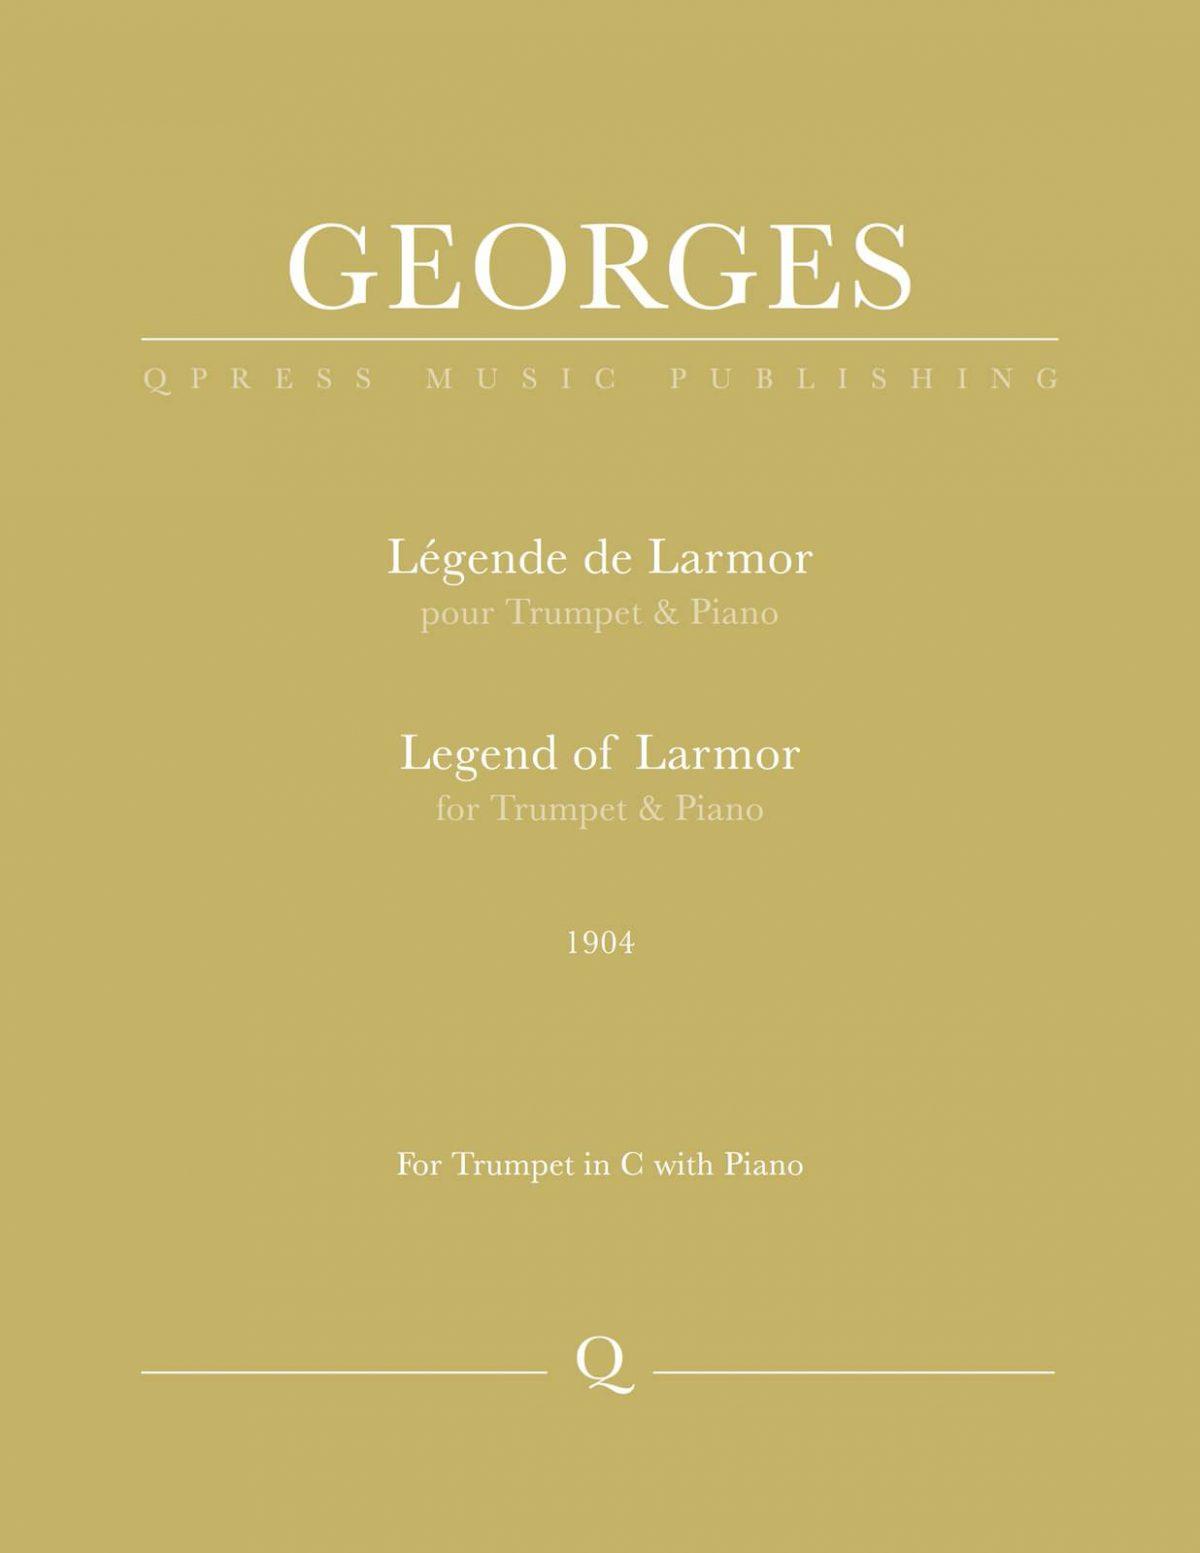 Georges, Légende de Larmor-p01